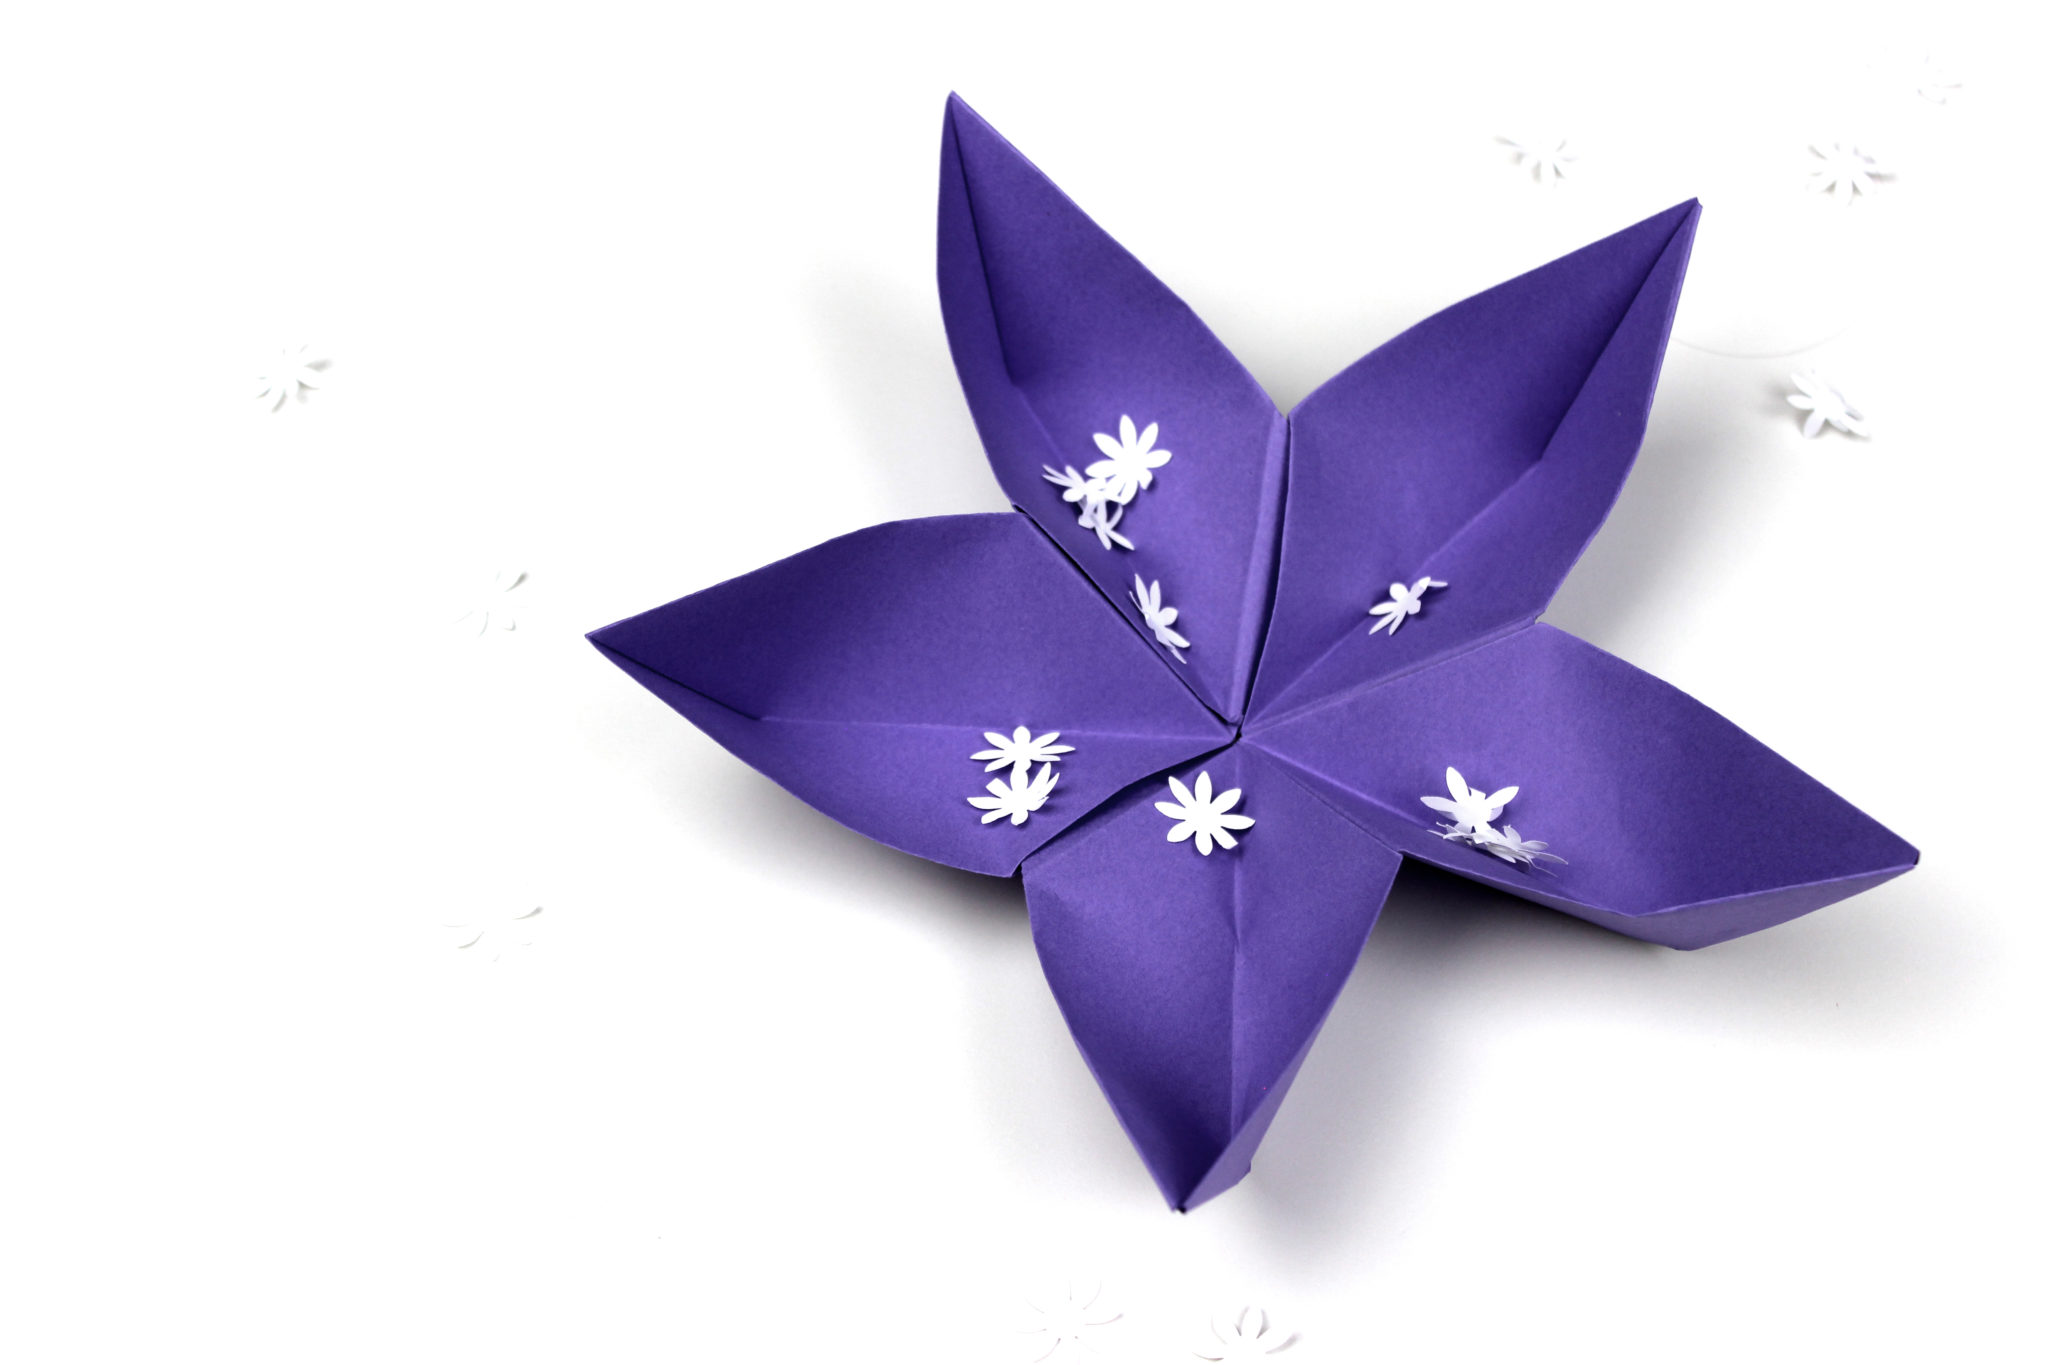 flores de papiroflexia sakura